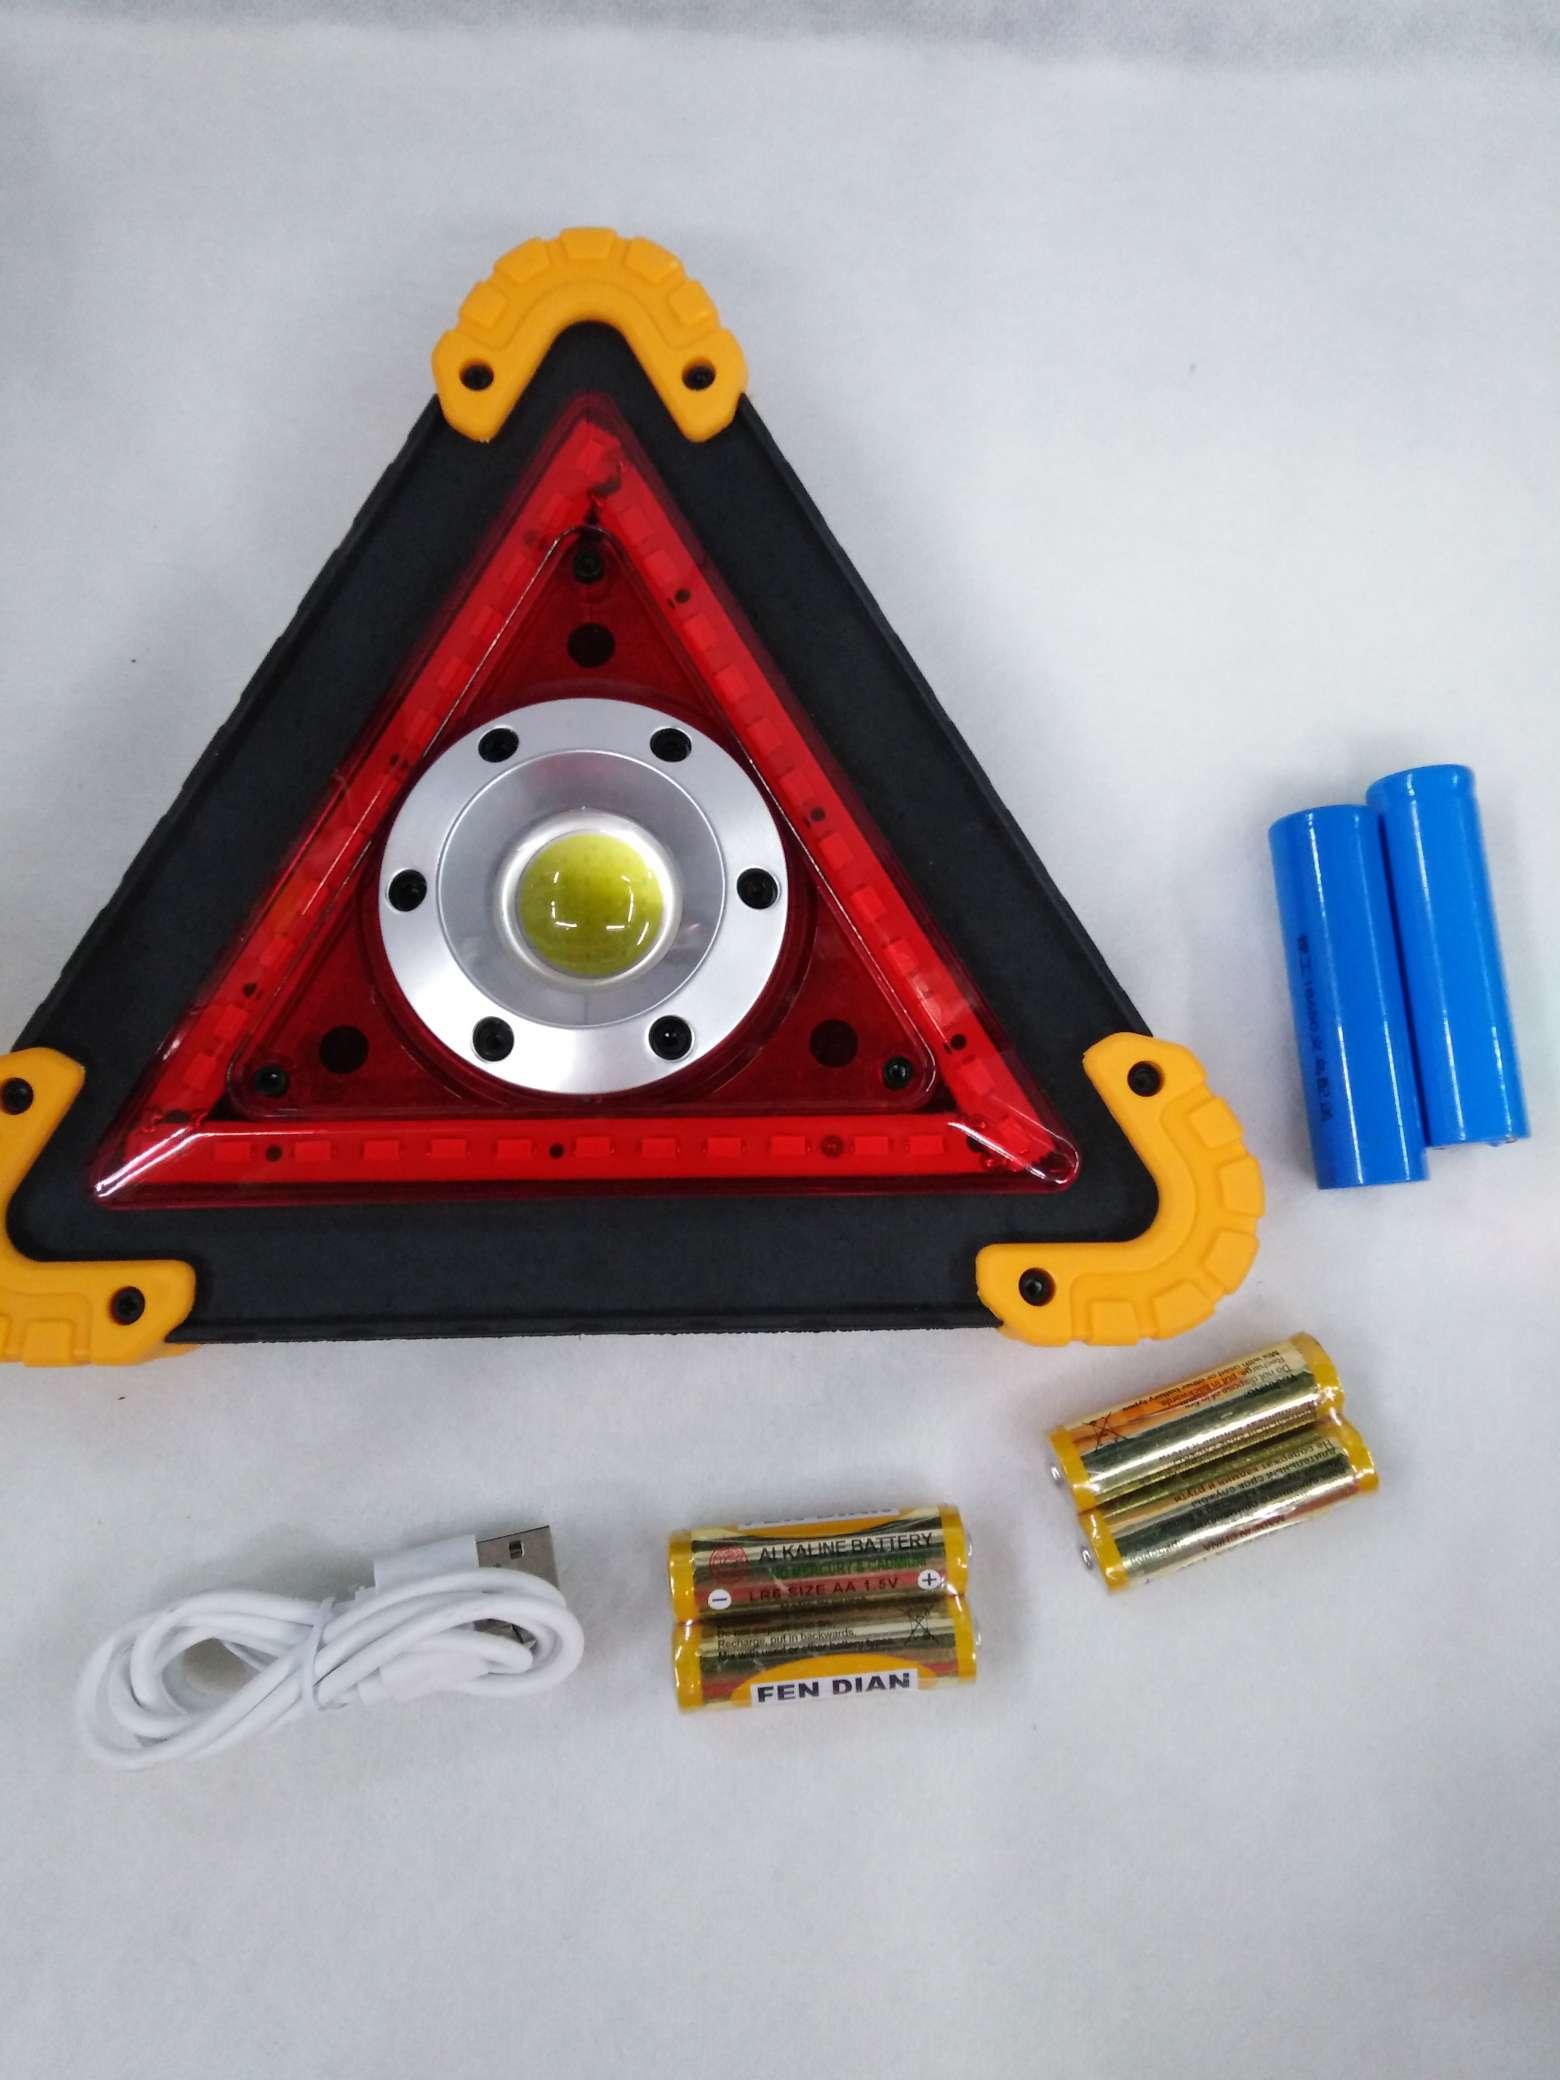 W837三角牌警示灯,灯泡:1COB+36颗贴片灯珠,功能:强弱贴片+(红闪),一件48个起批